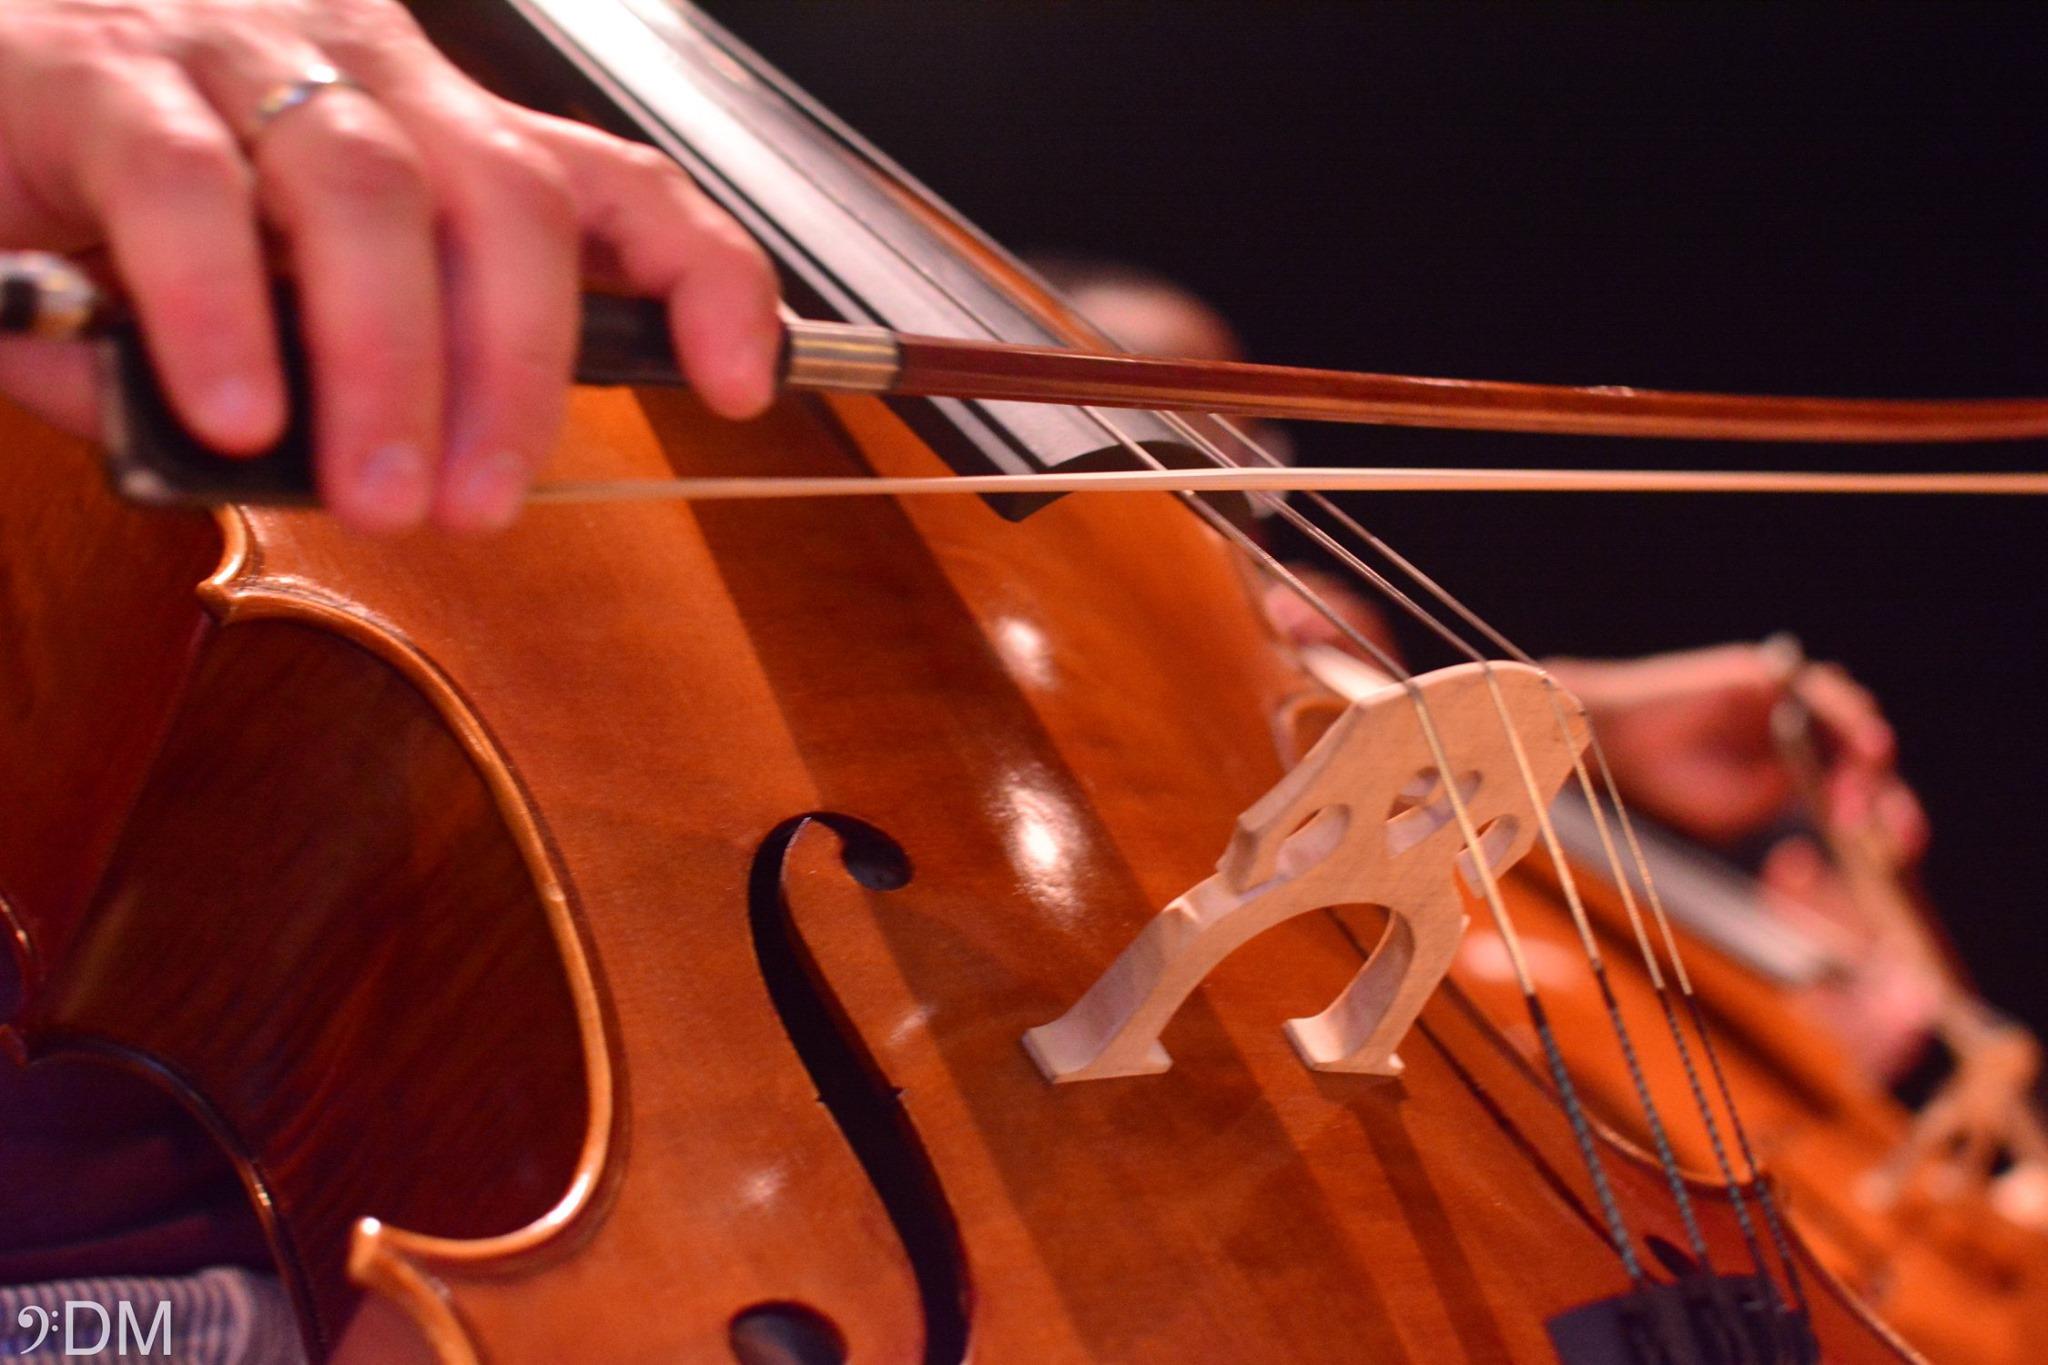 foto di uno strumento a corde